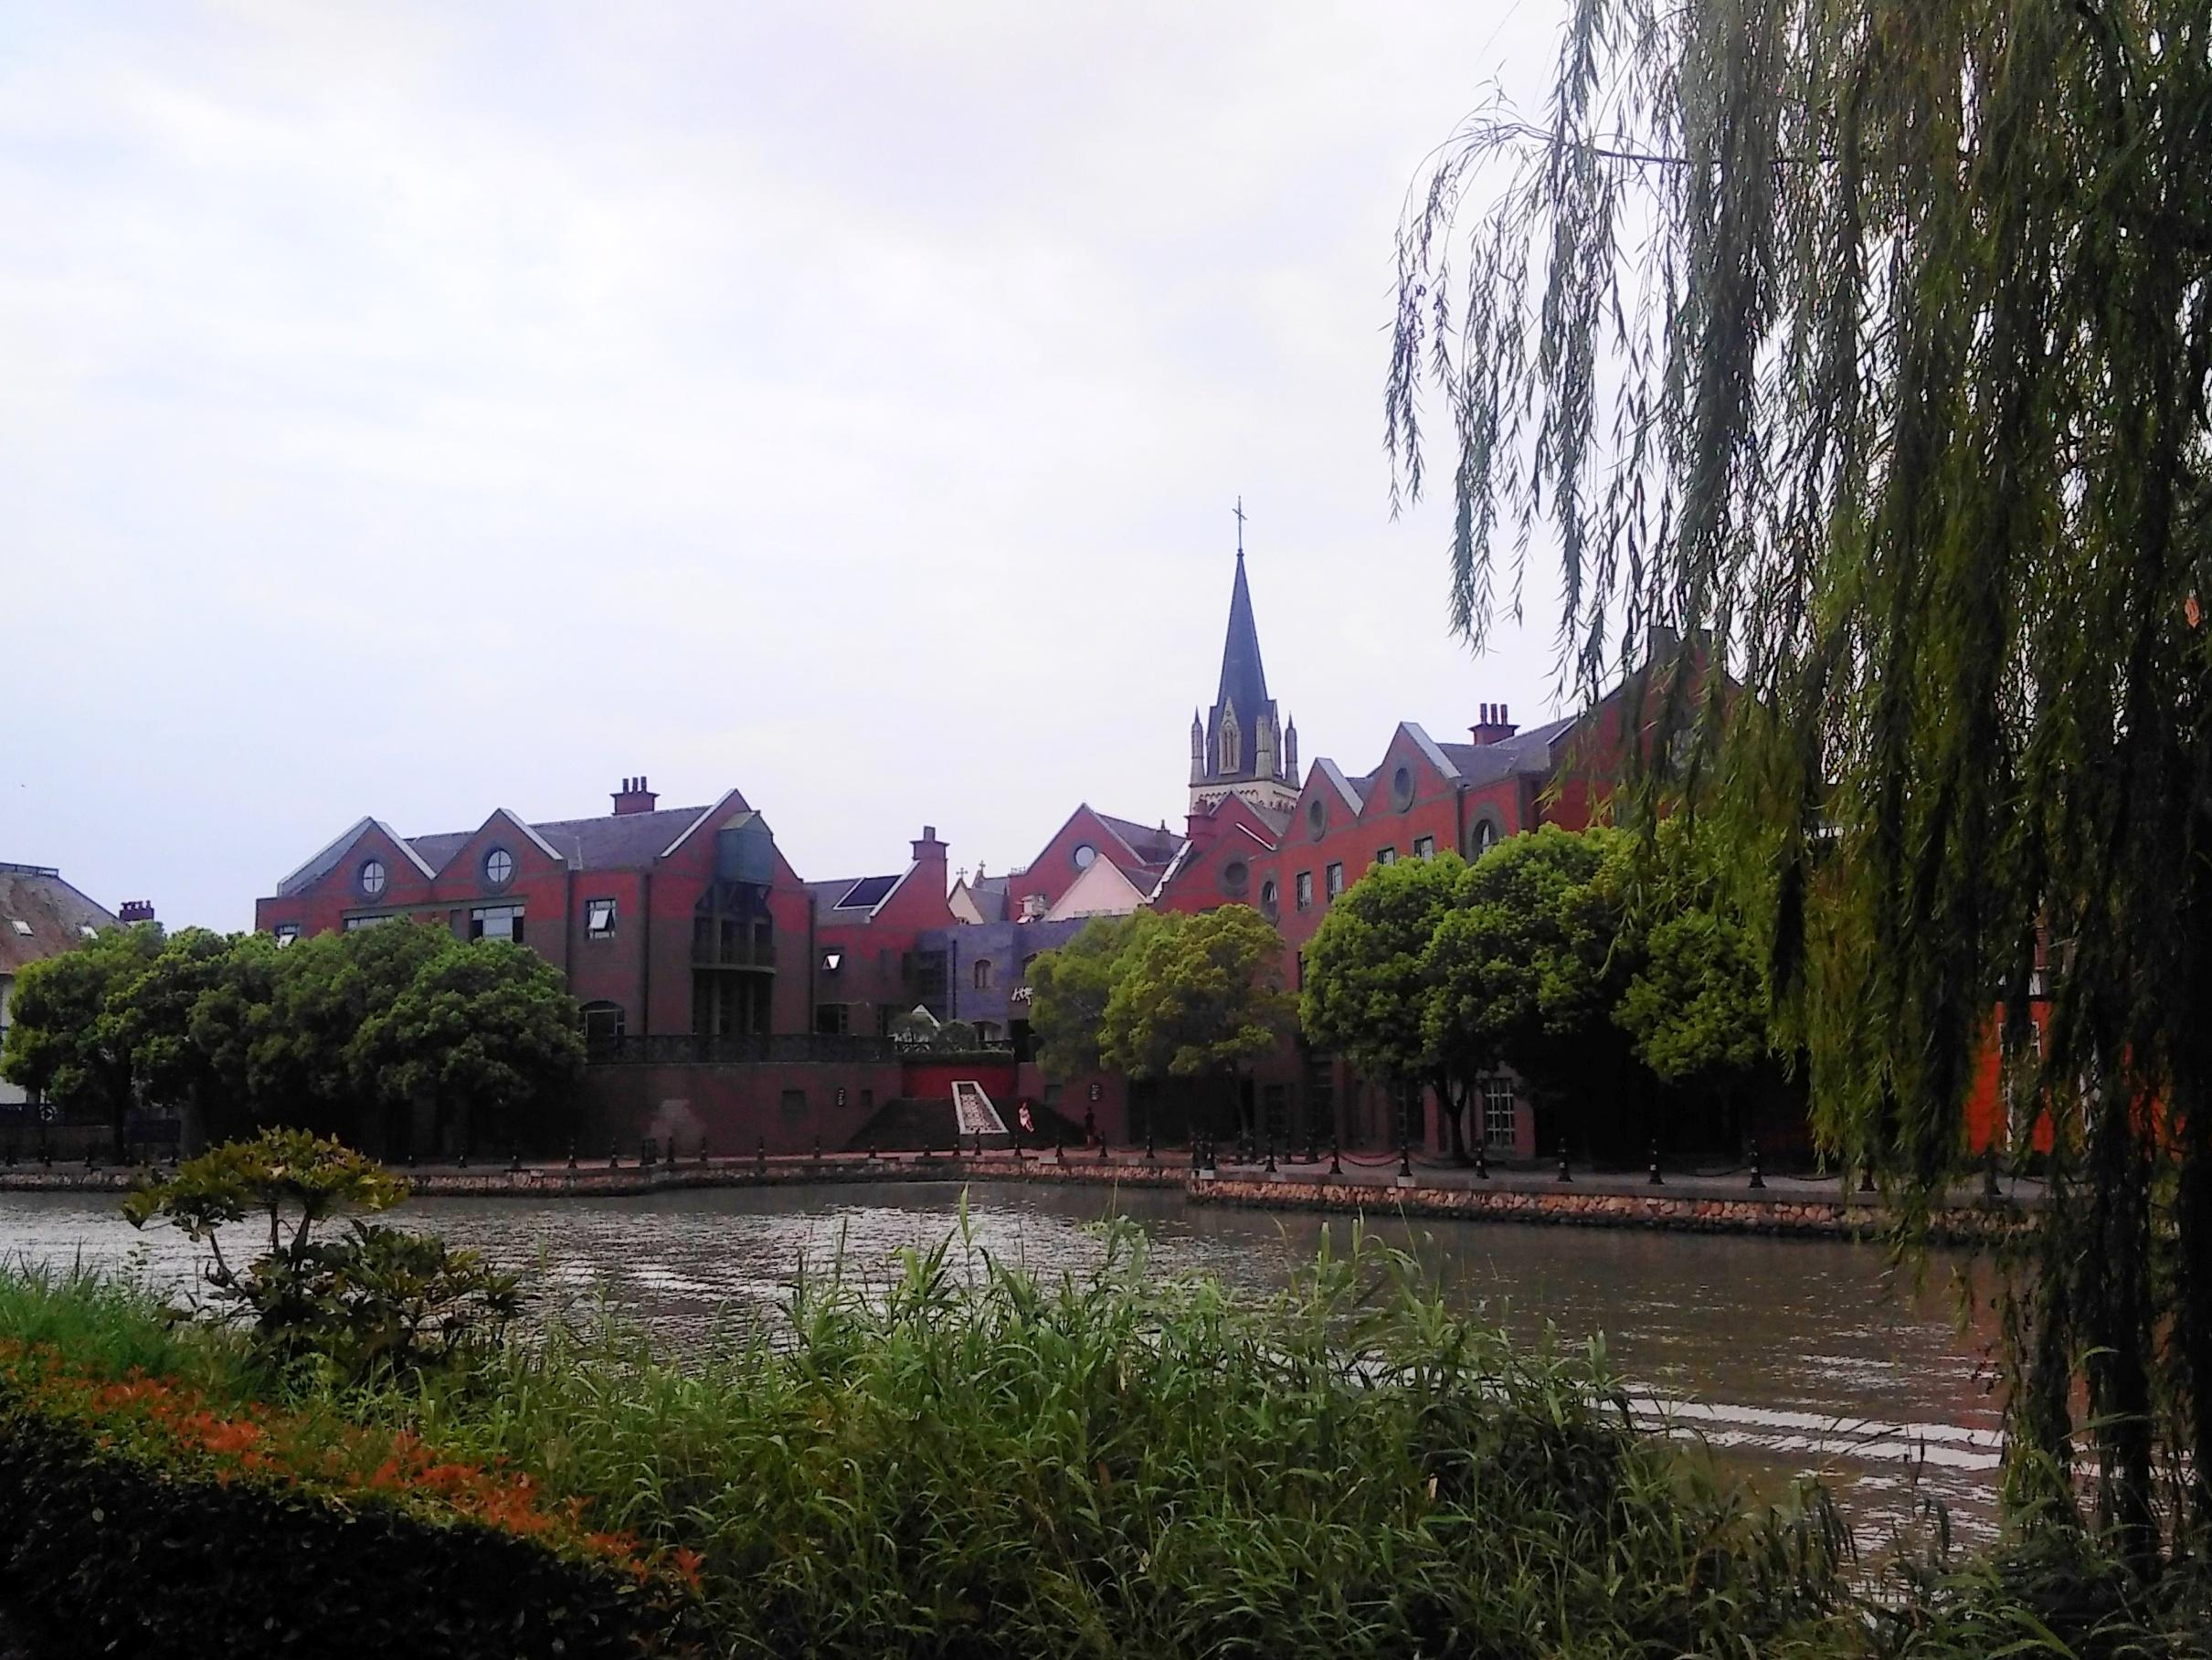 体验休闲欧洲风情(松江泰唔士小镇)